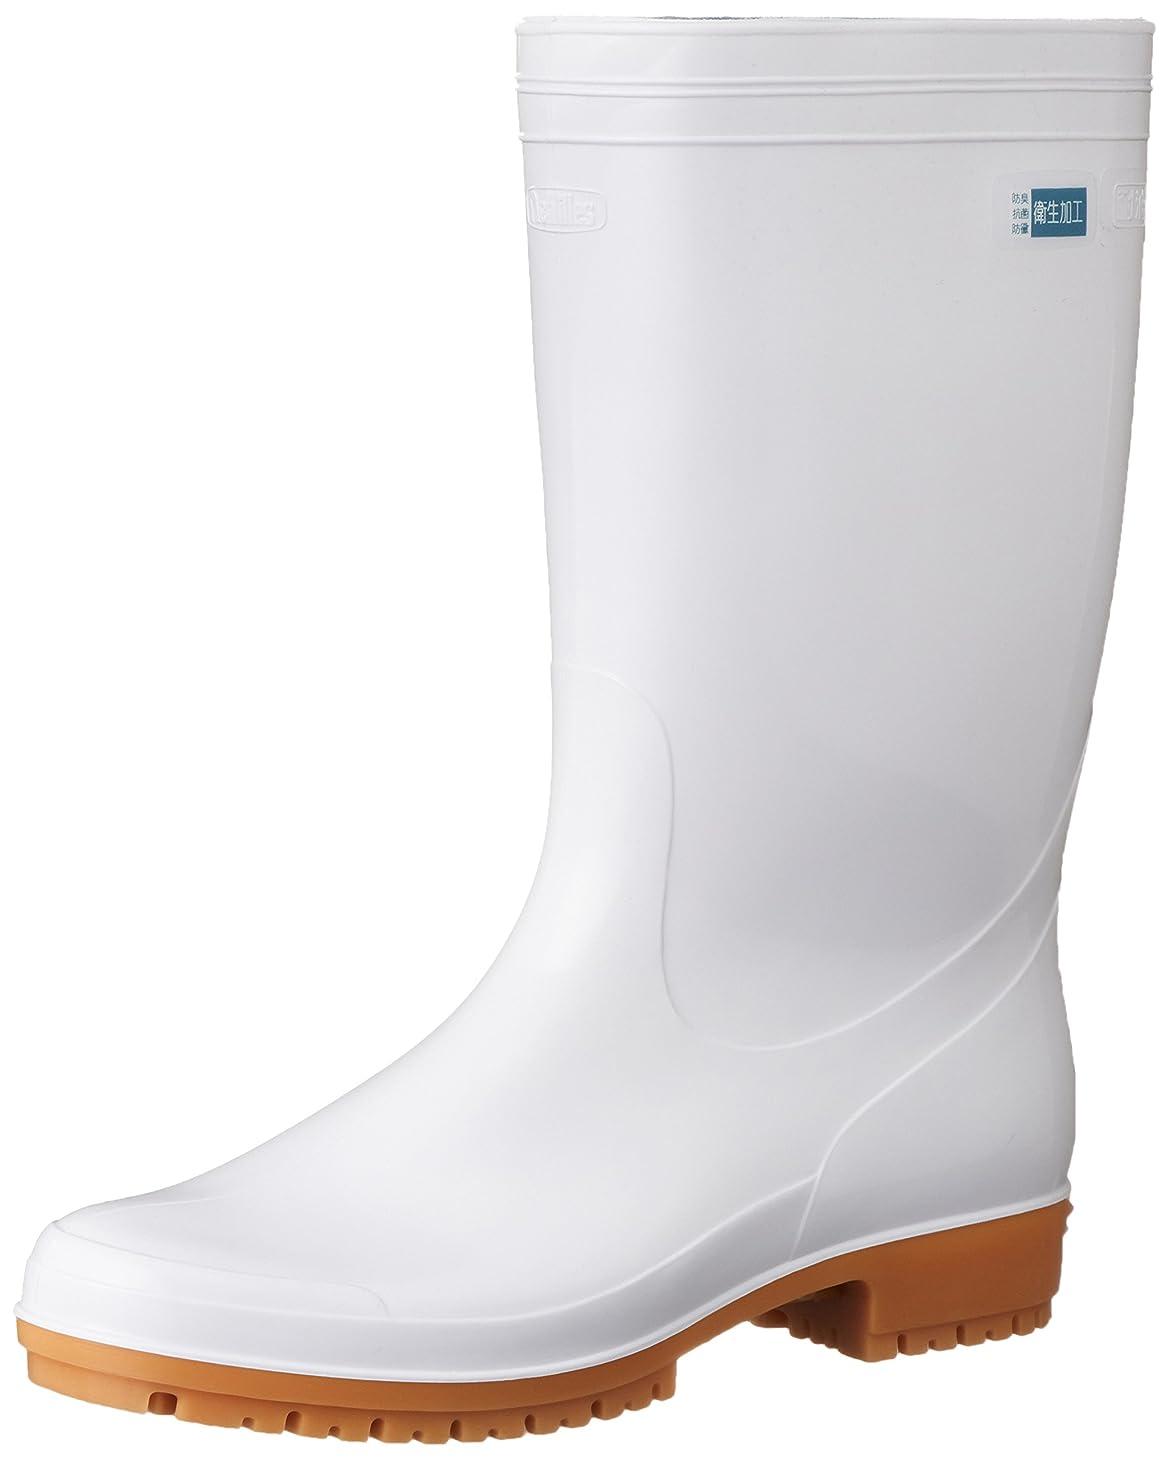 [アキレス] 長靴 OSM 7000 メンズ